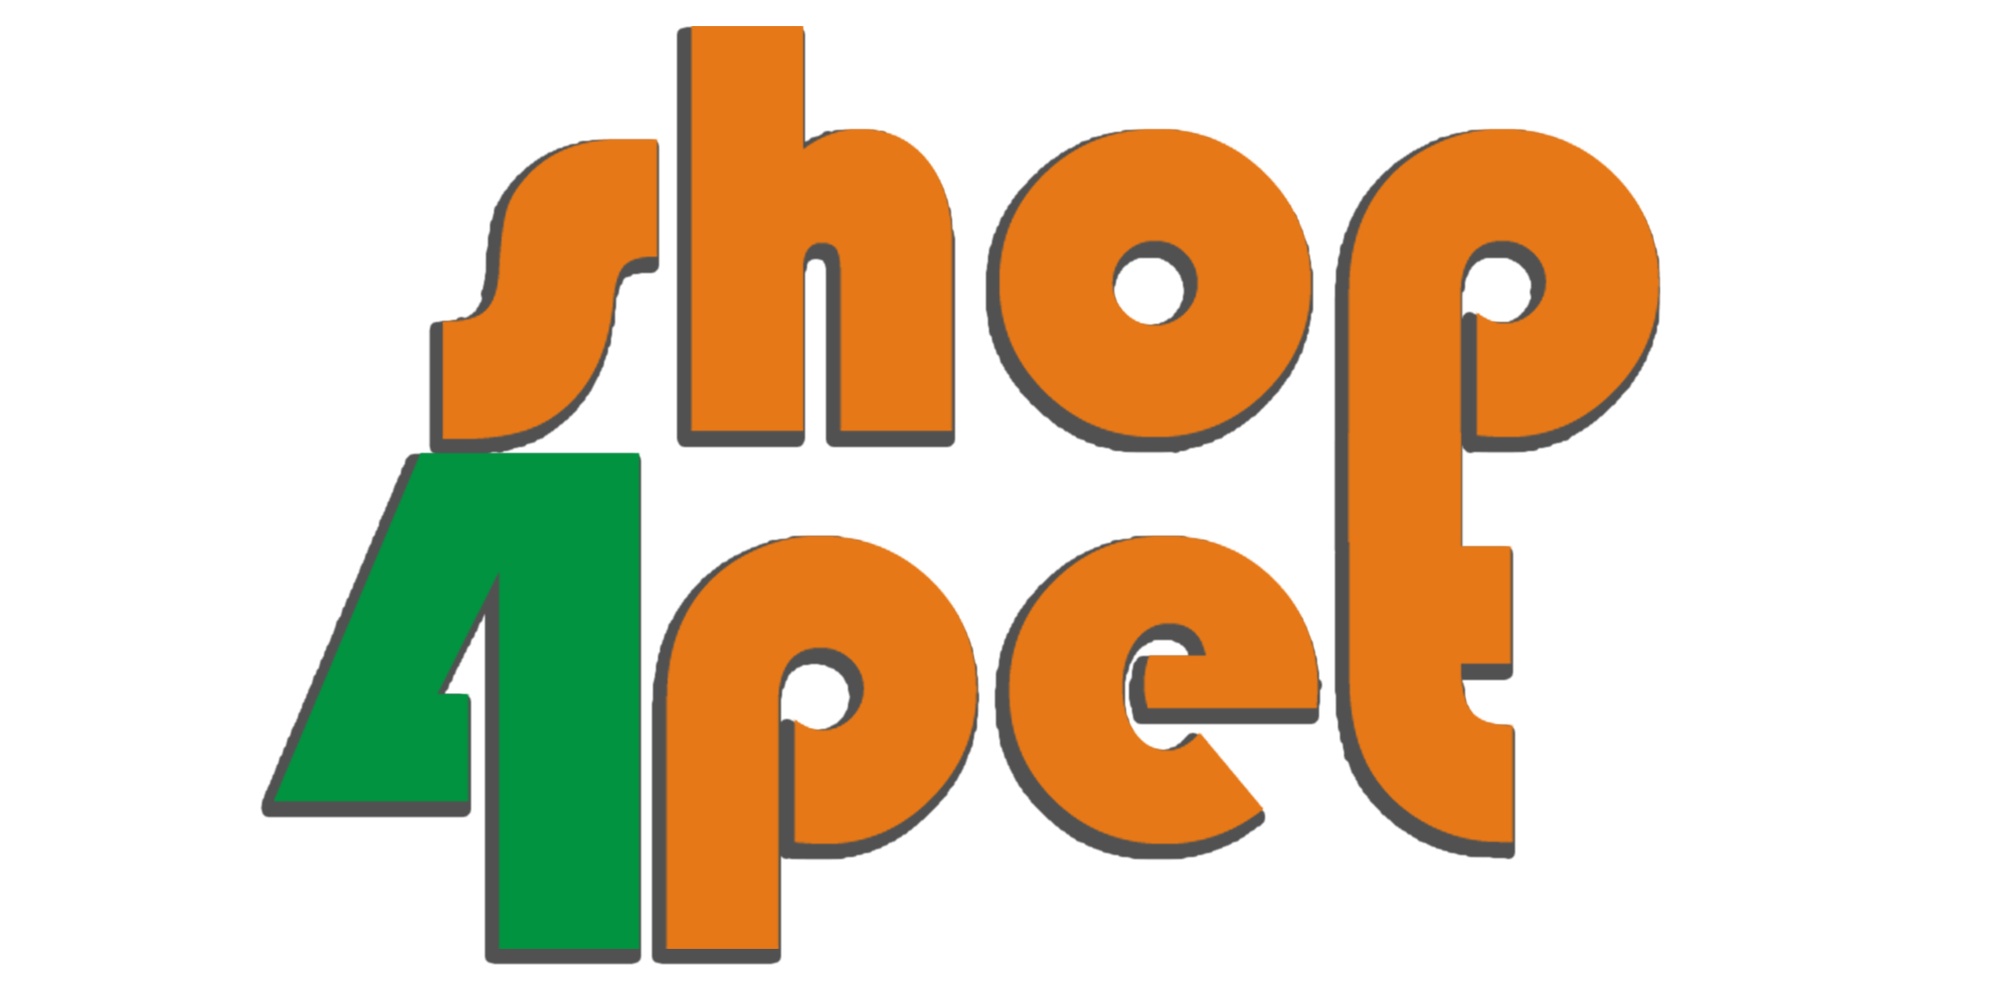 Shop 4 Pet